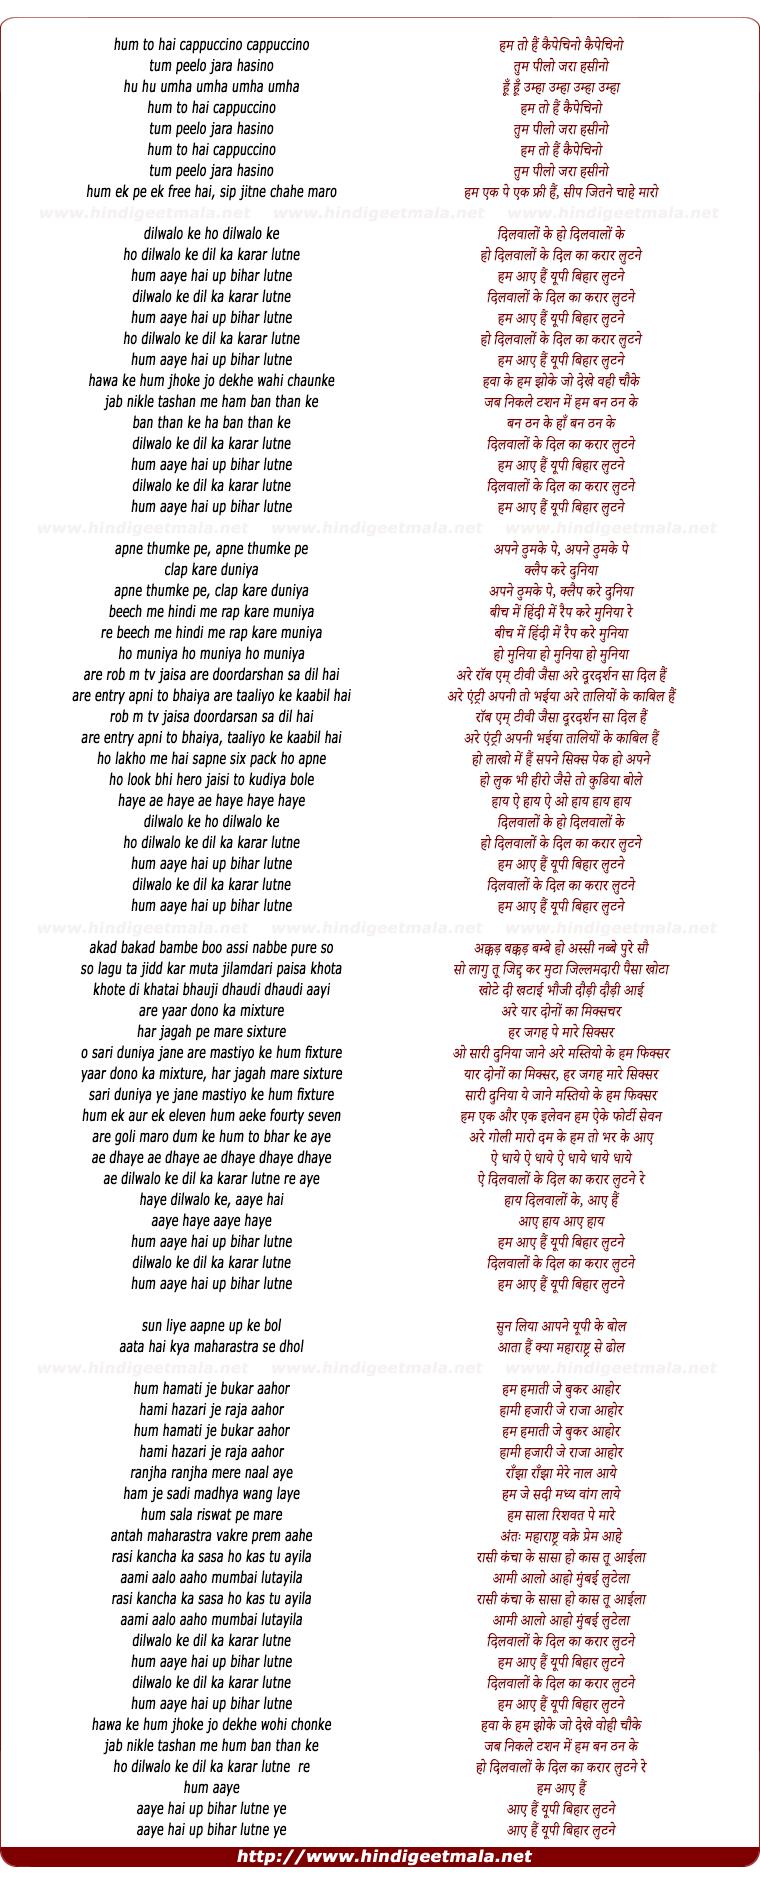 lyrics of song Hum Toh Hain Cappuccino, Tum Peelo Jara Hasino